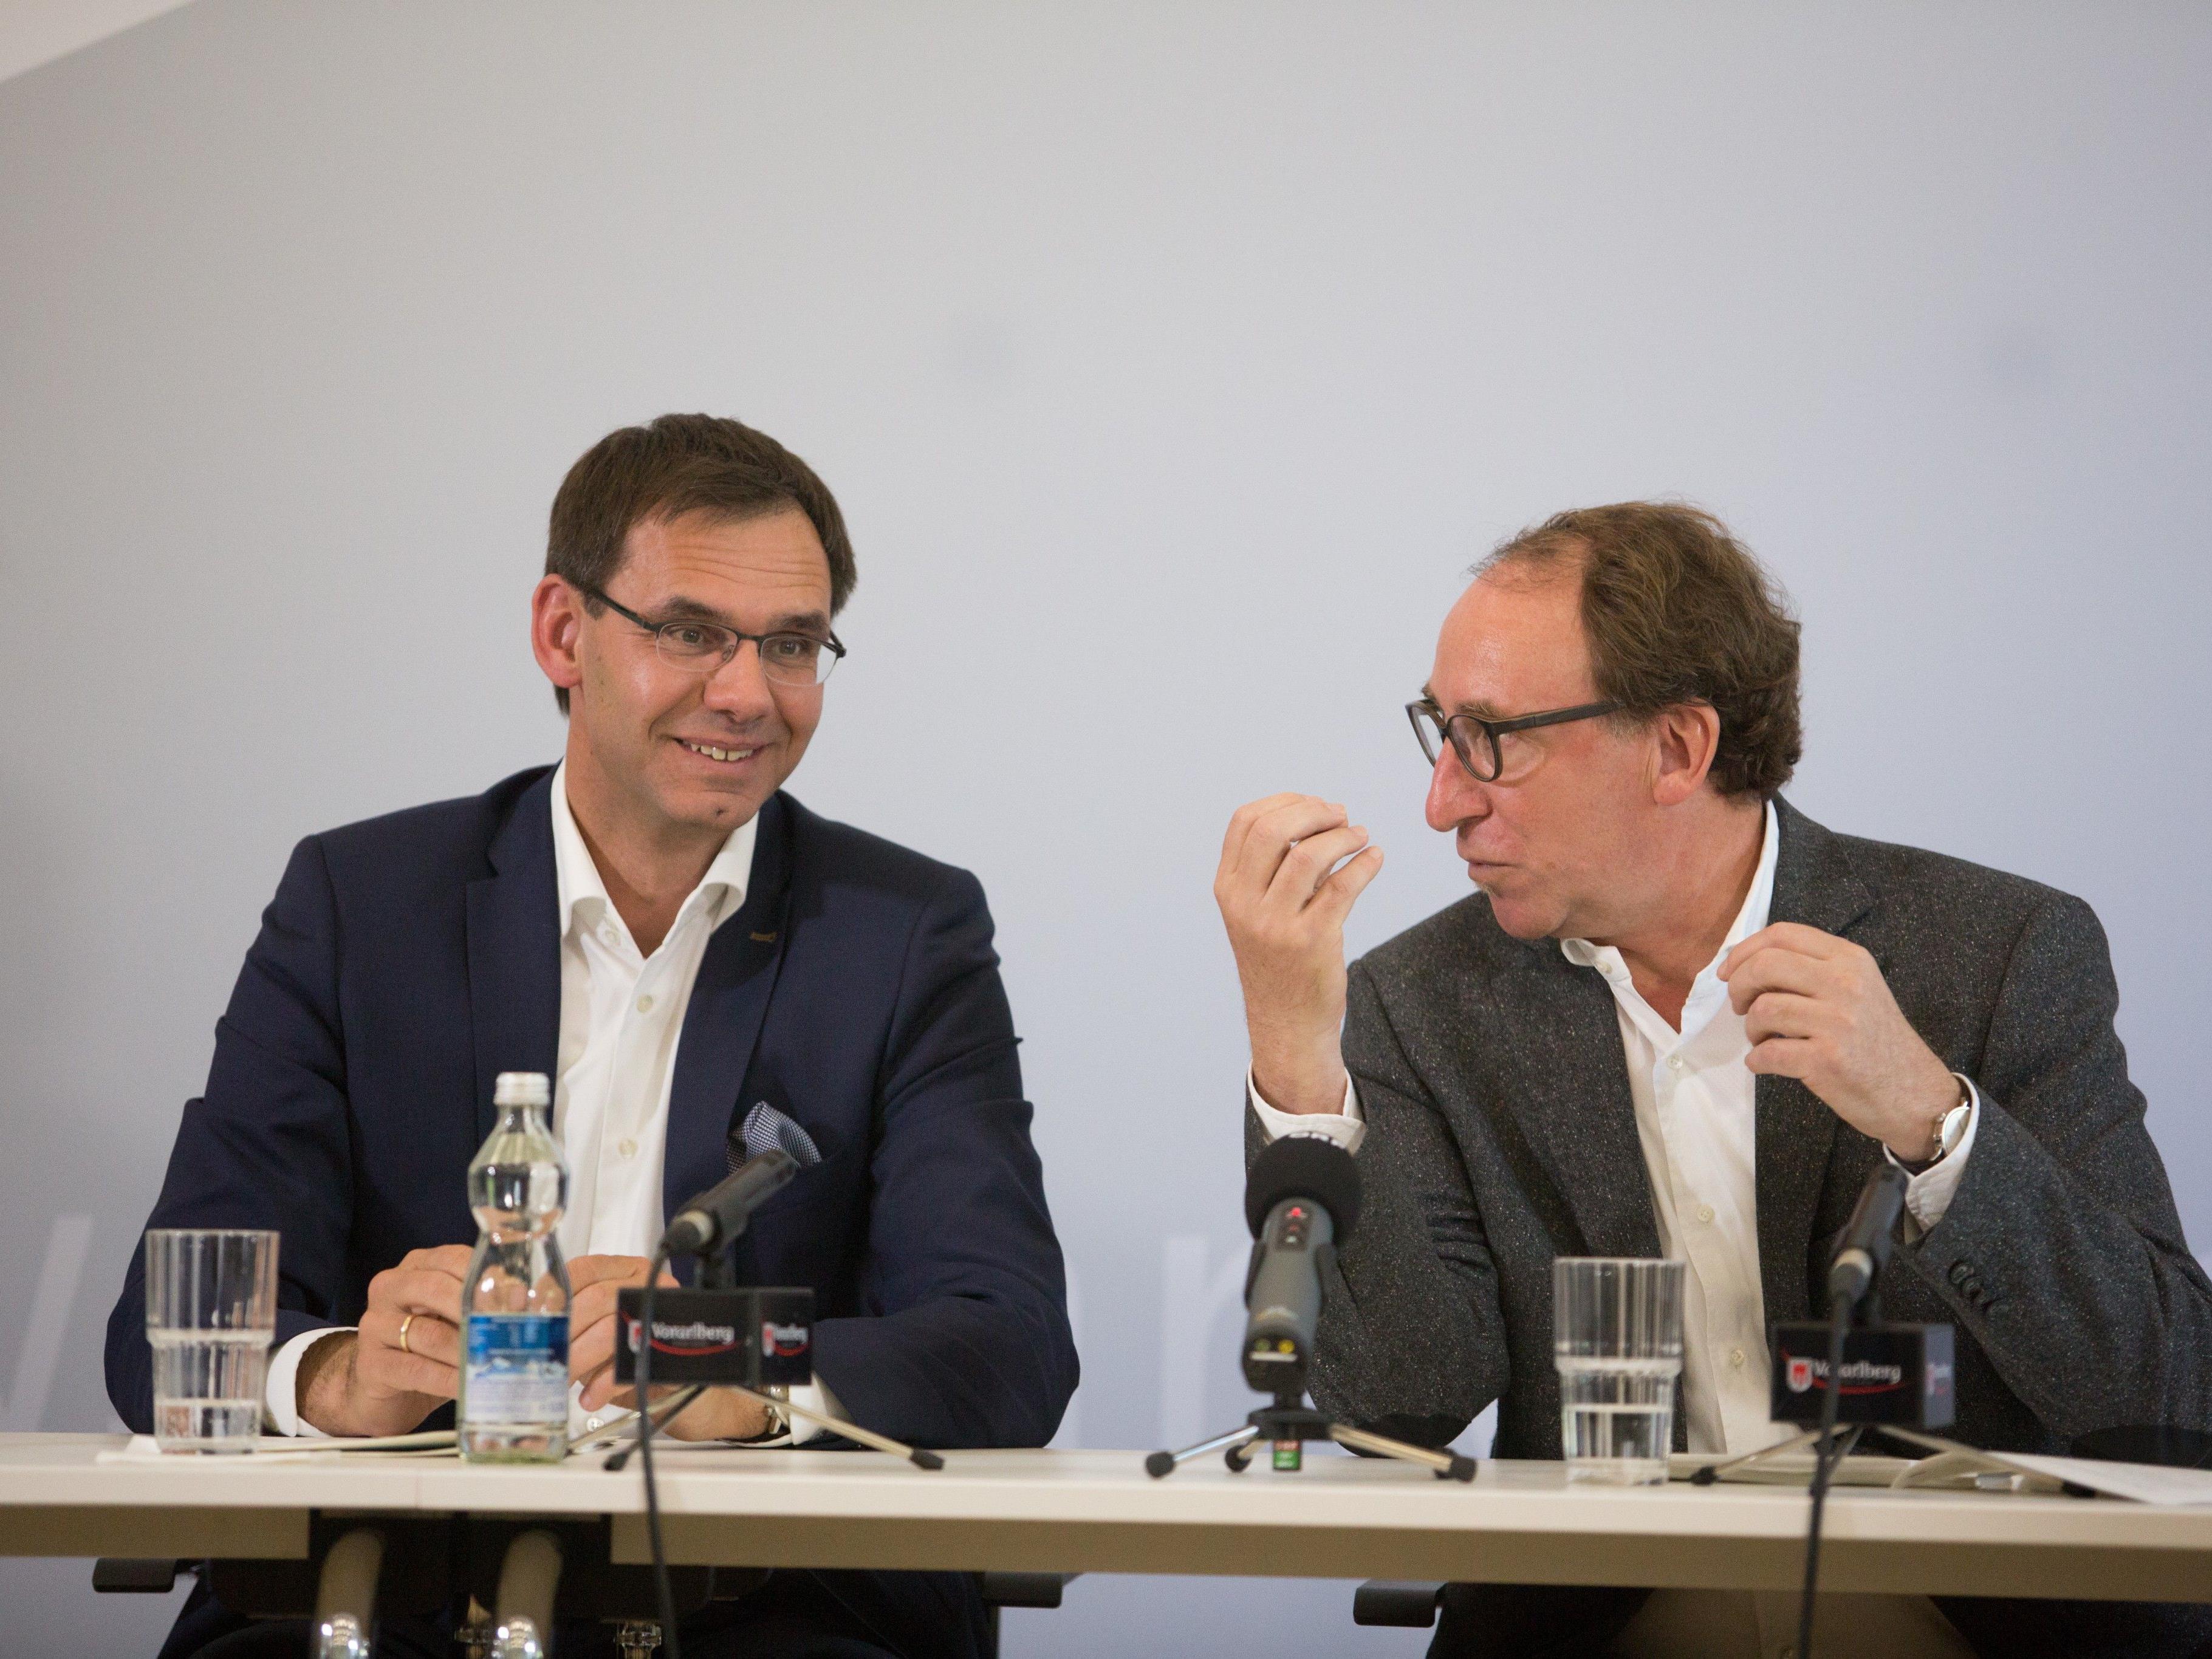 Die Vorarlberger Landesregierung um Markus Wallner (ÖVP) und Johannes Rauch (Grüne) hat den Rechnungsabschluss 2016 präsentiert.